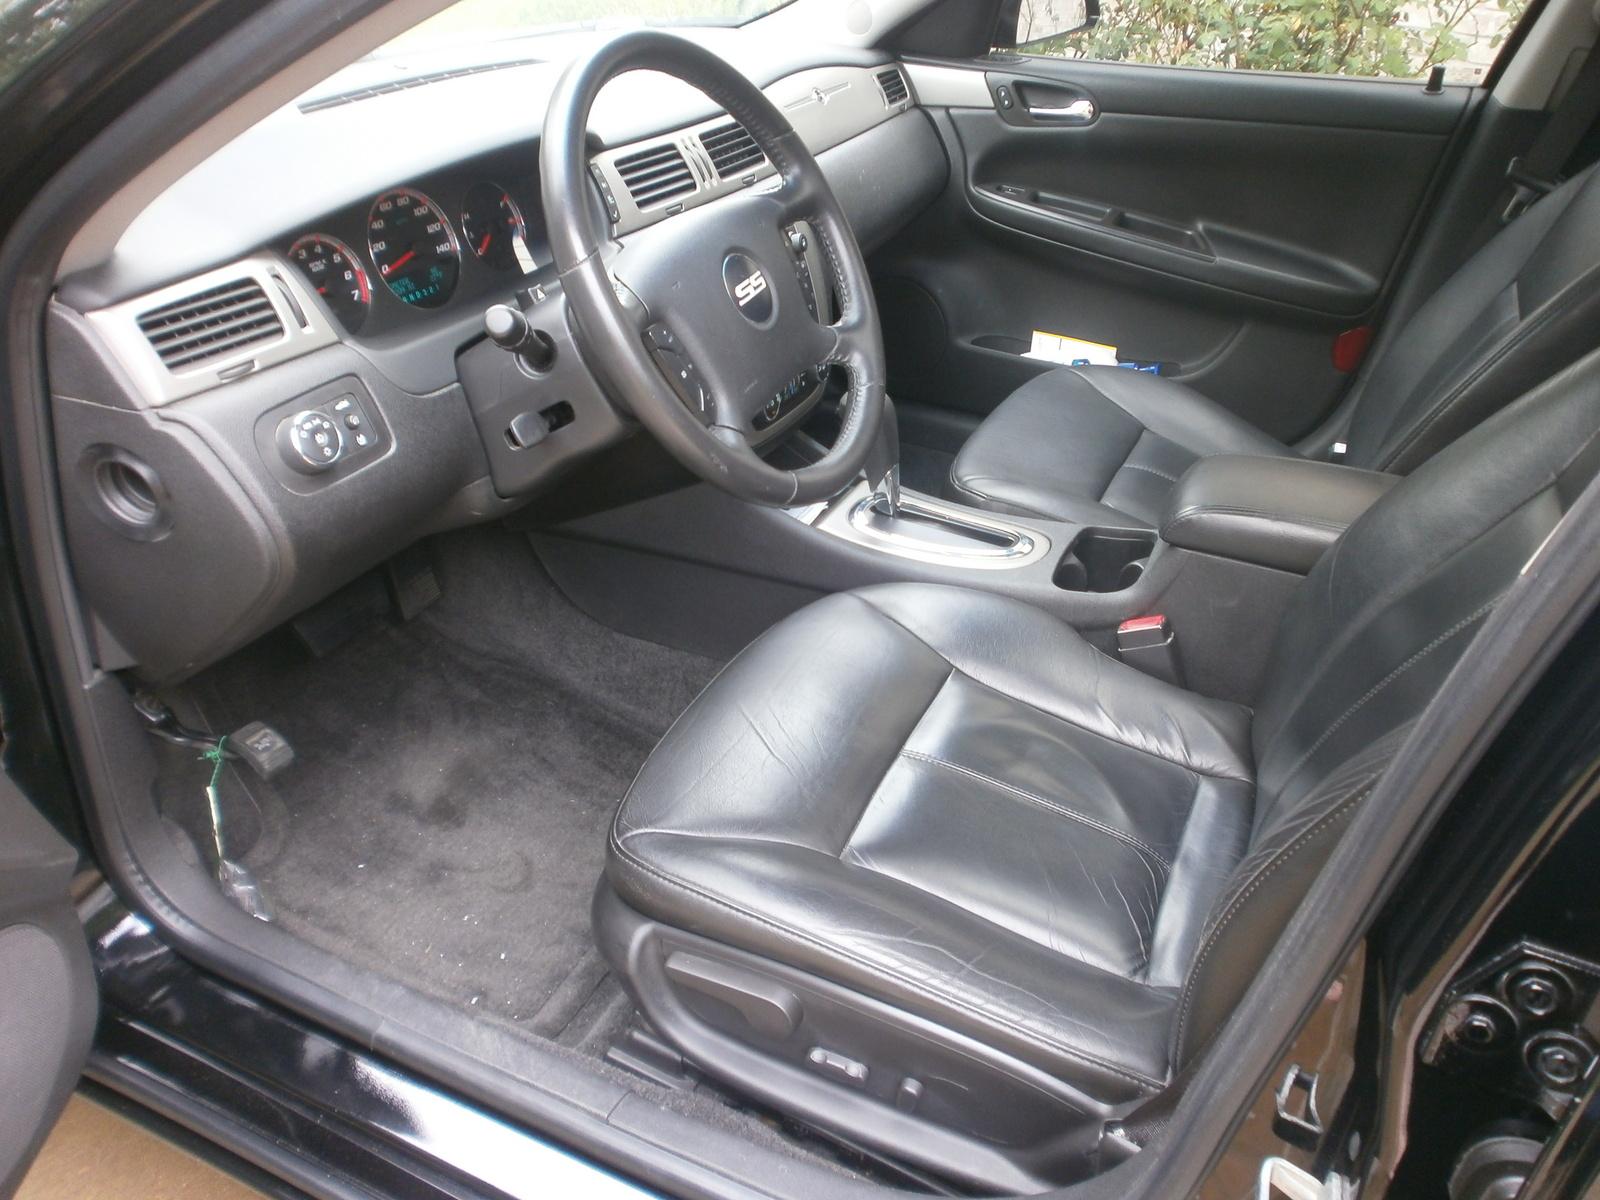 2008 Chevrolet Impala - Interior Pictures - CarGurus